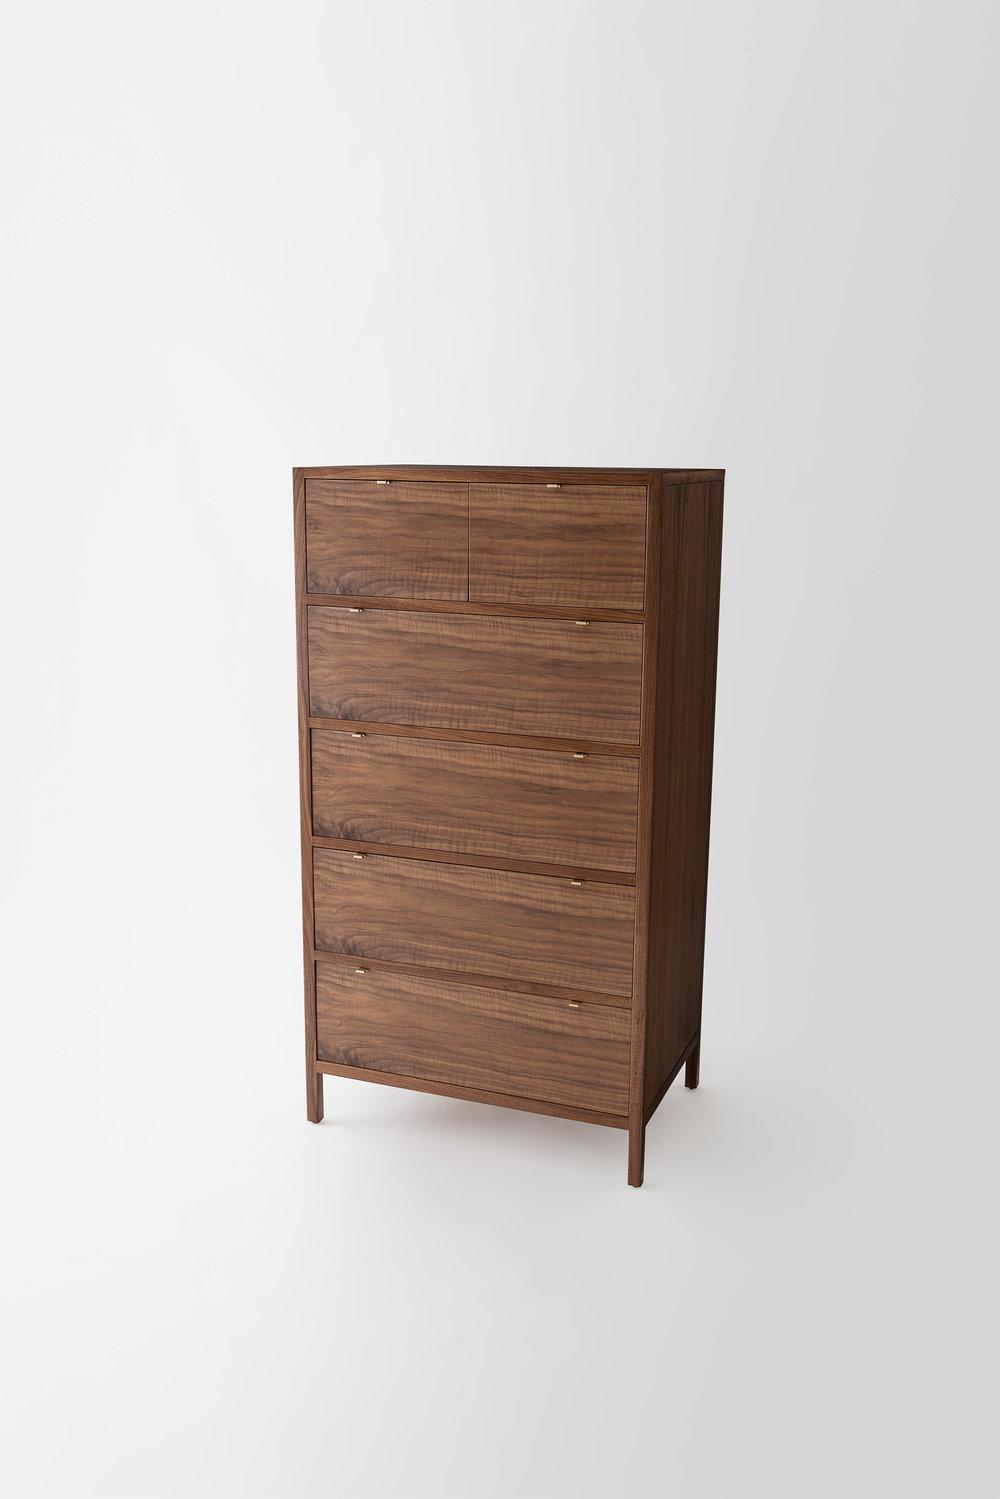 Laska.Dresser.3:4.jpg